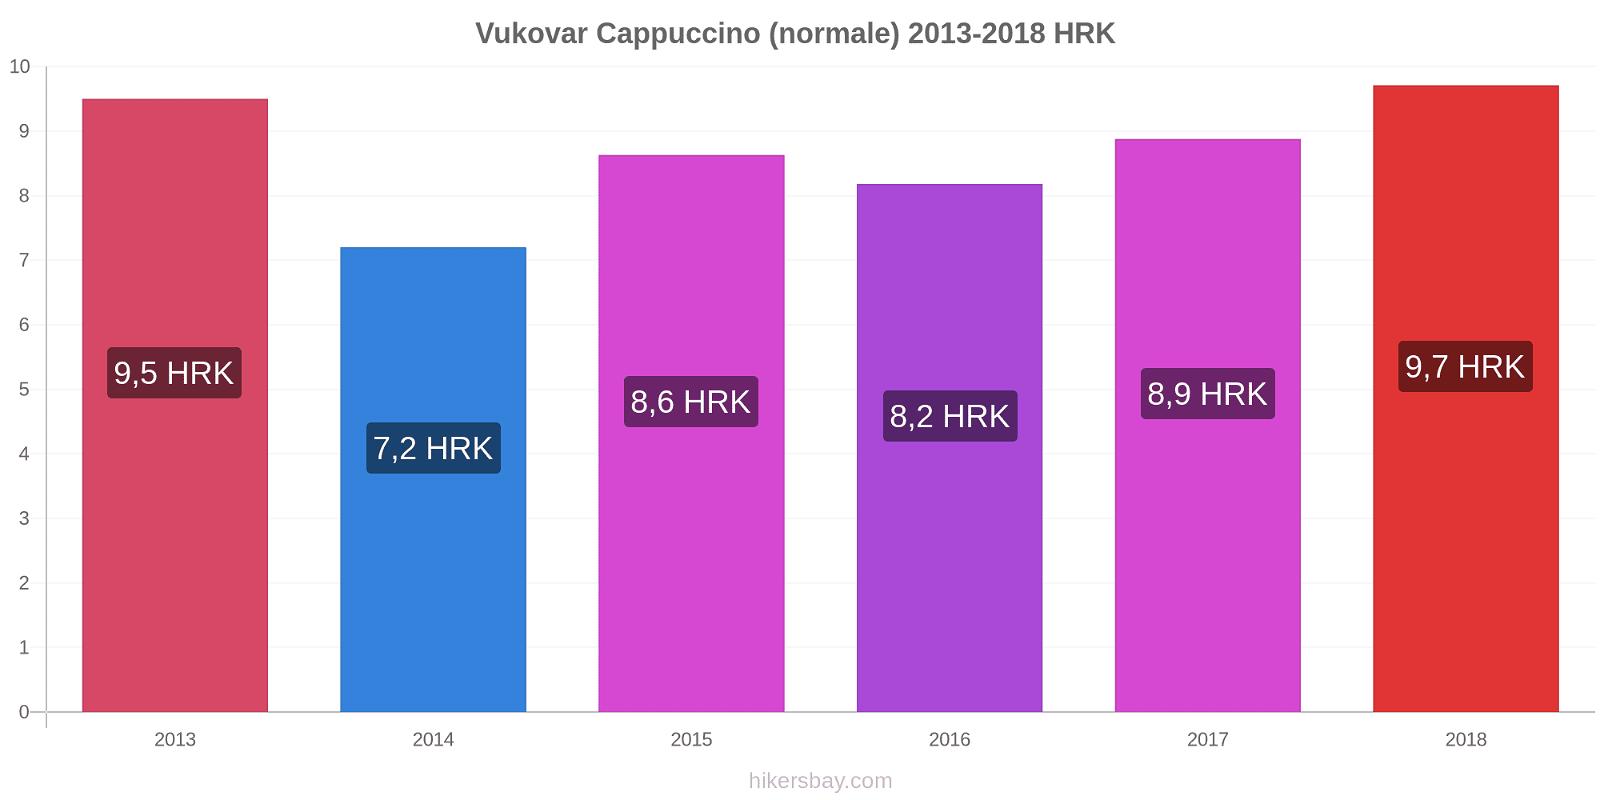 Vukovar variazioni di prezzo Cappuccino (normale) hikersbay.com